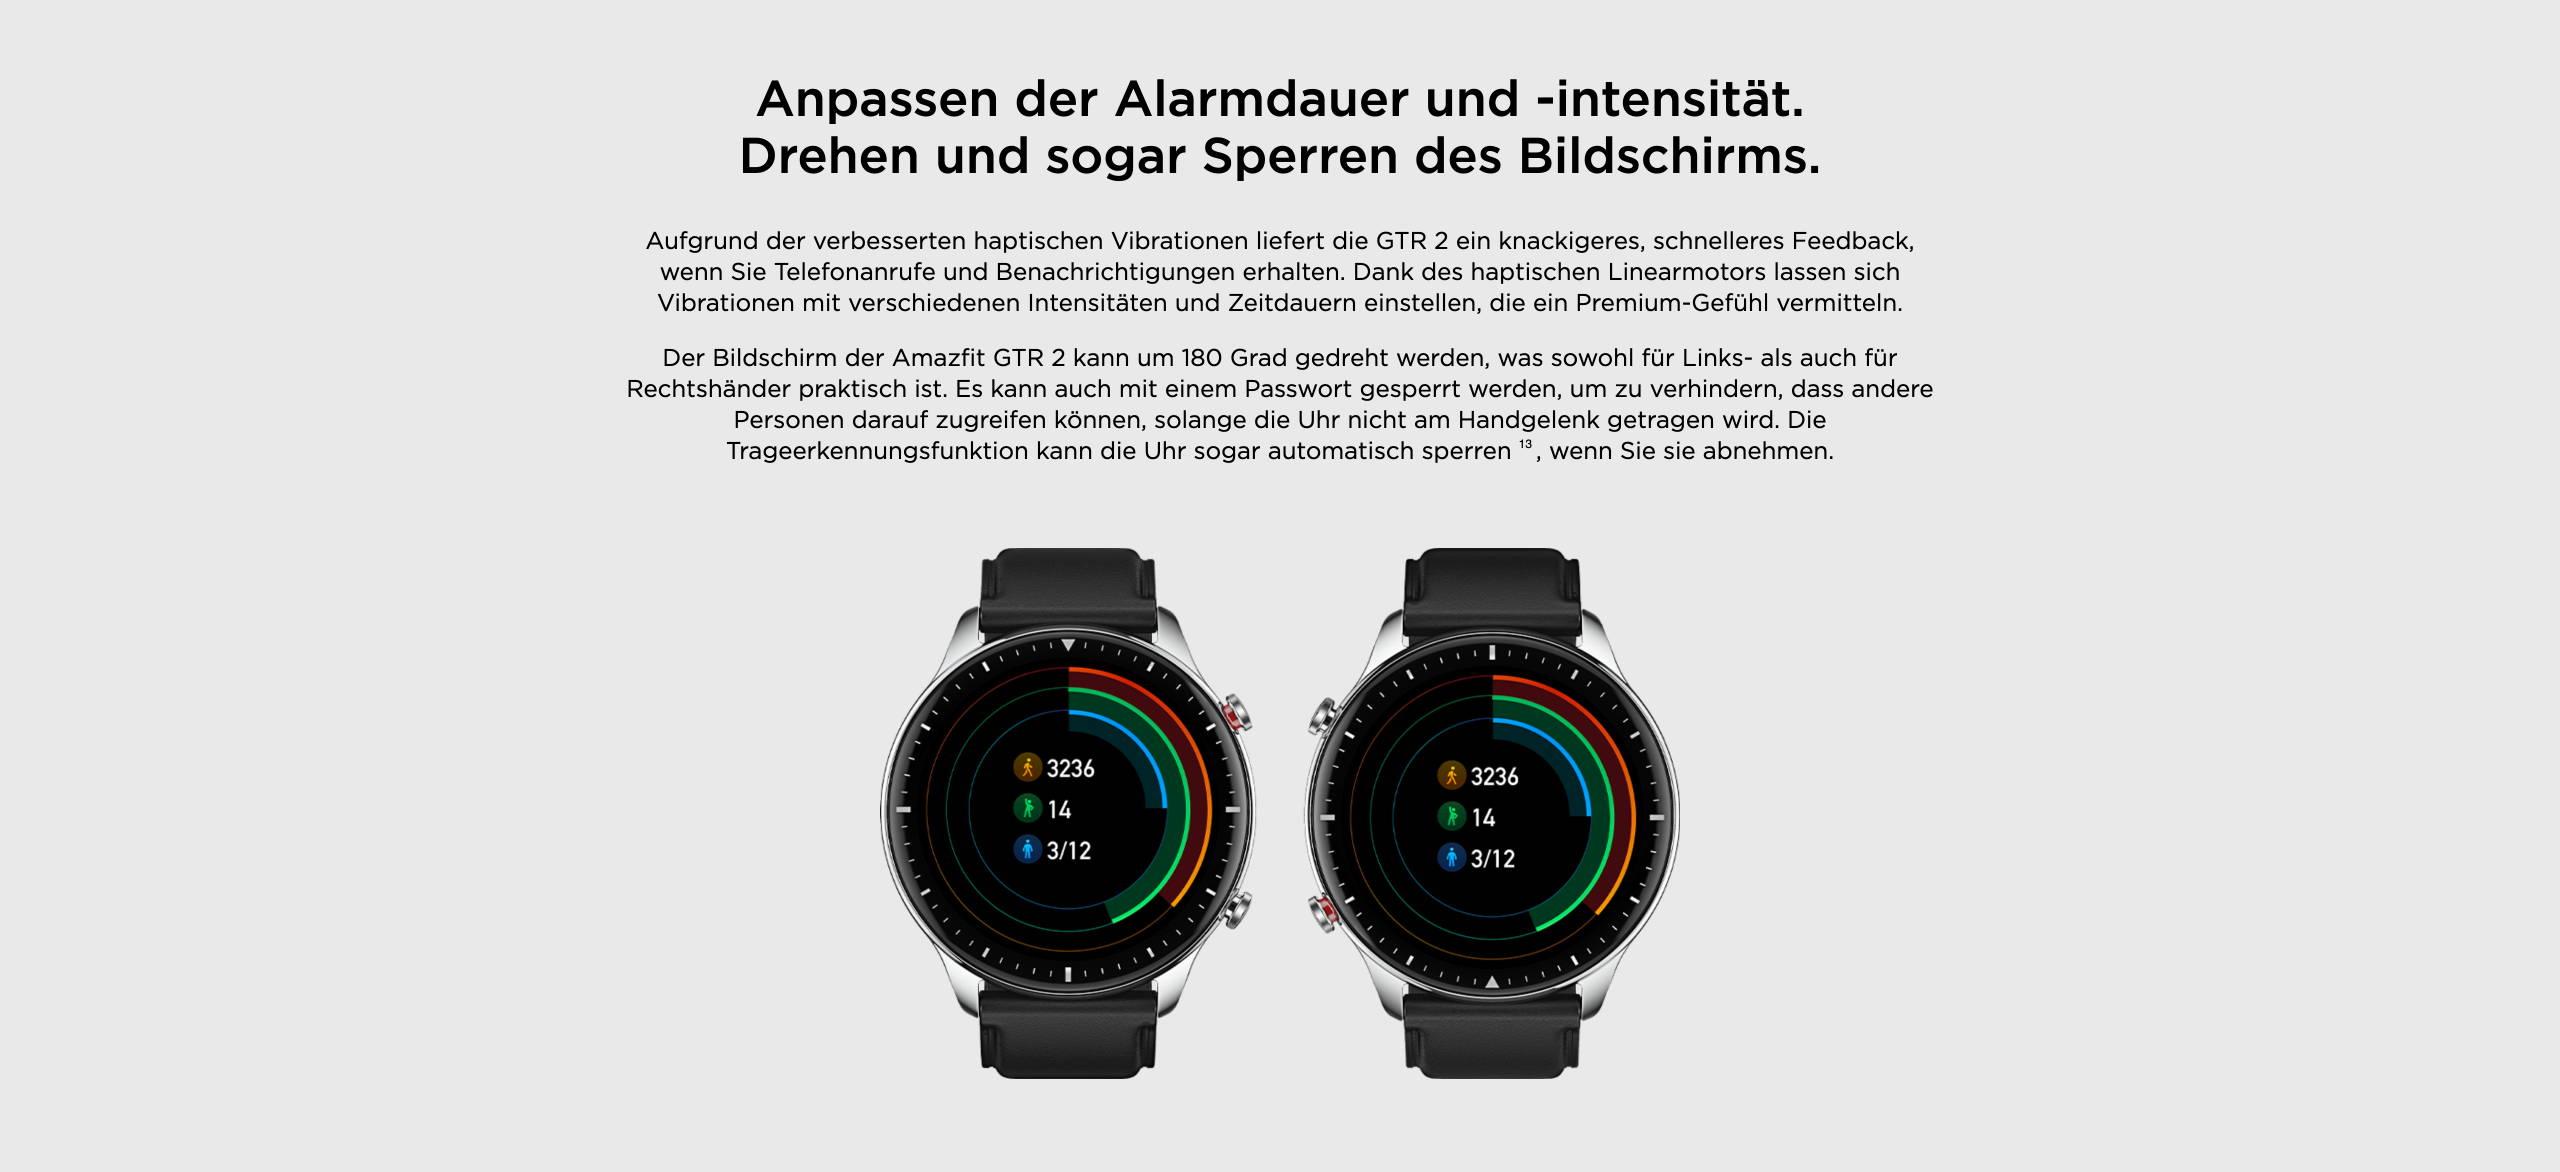 Amazfit GTR 2 - Anpassen der Alarmdauer und -intensität. Drehen und sogar Sperren des Bildschirms.